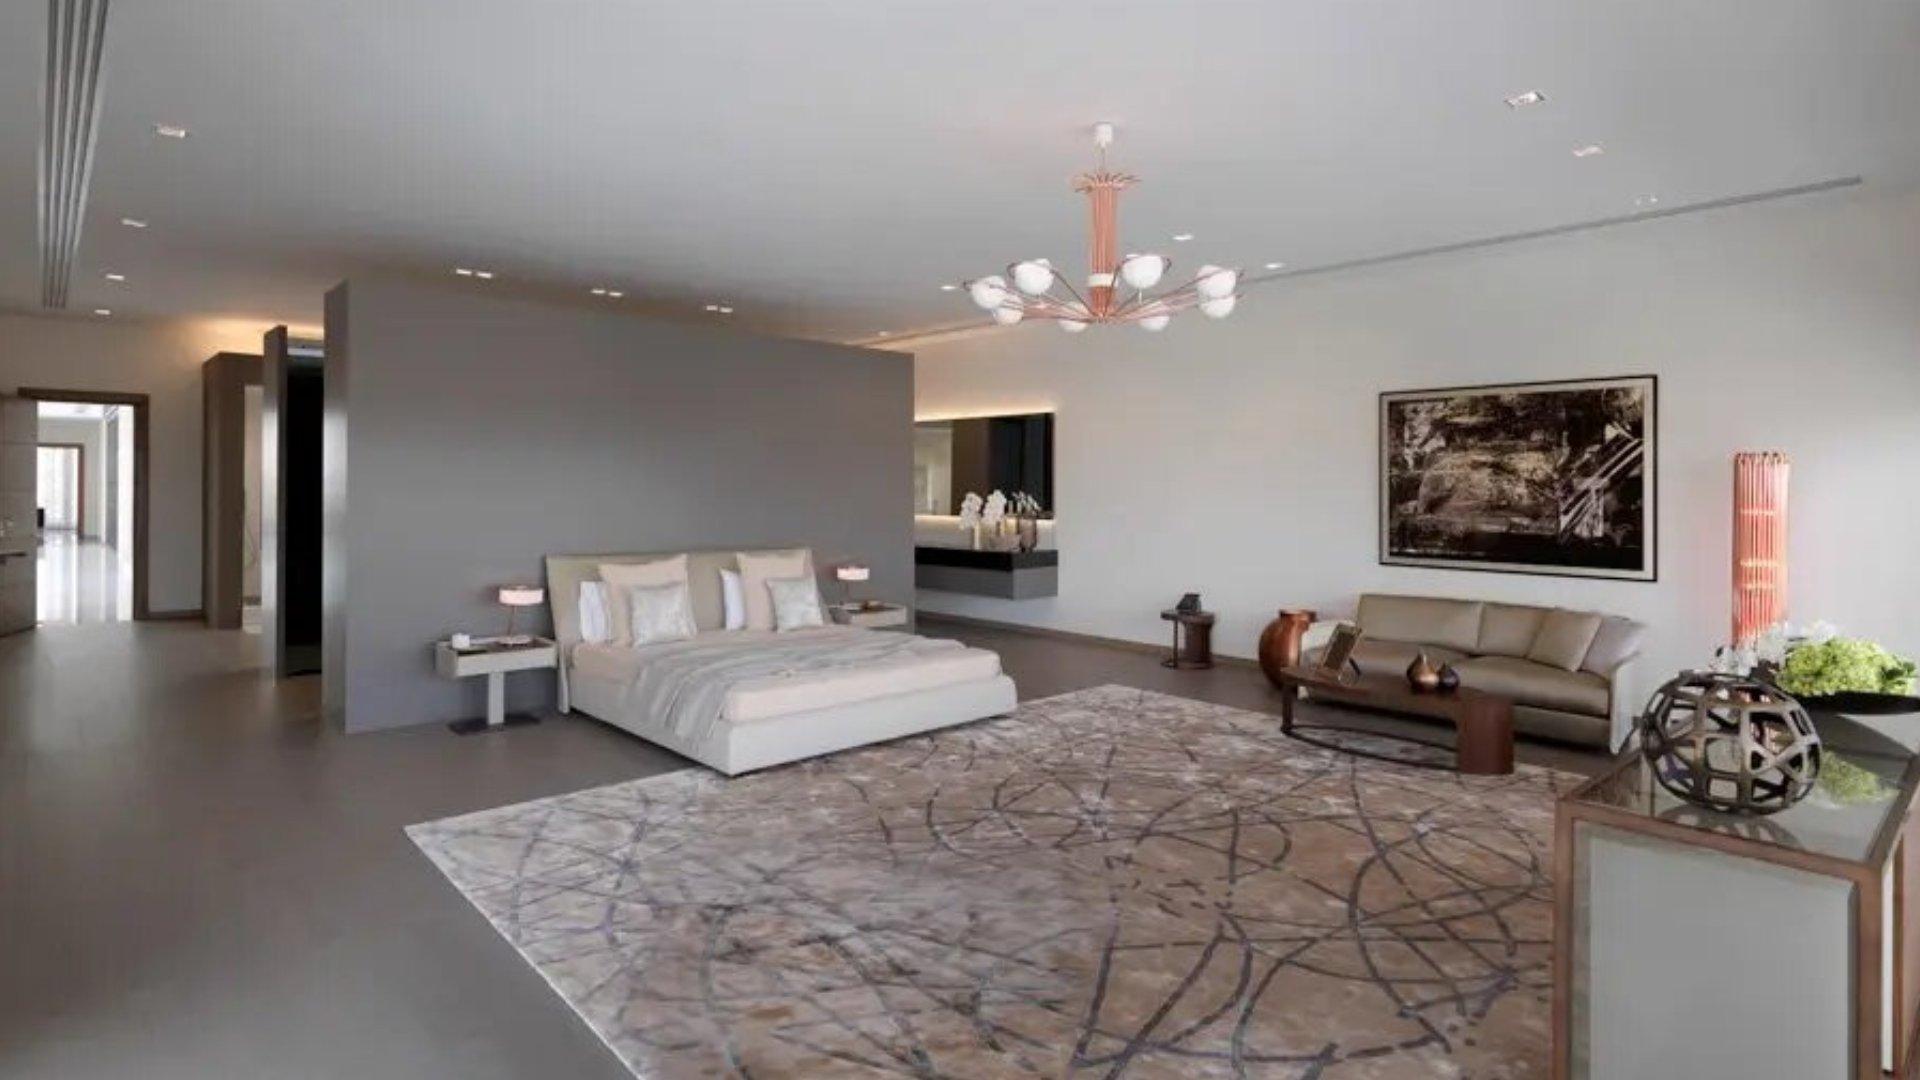 Villa en venta en Dubai, EAU, 7 dormitorios, 1560 m2, № 24432 – foto 2